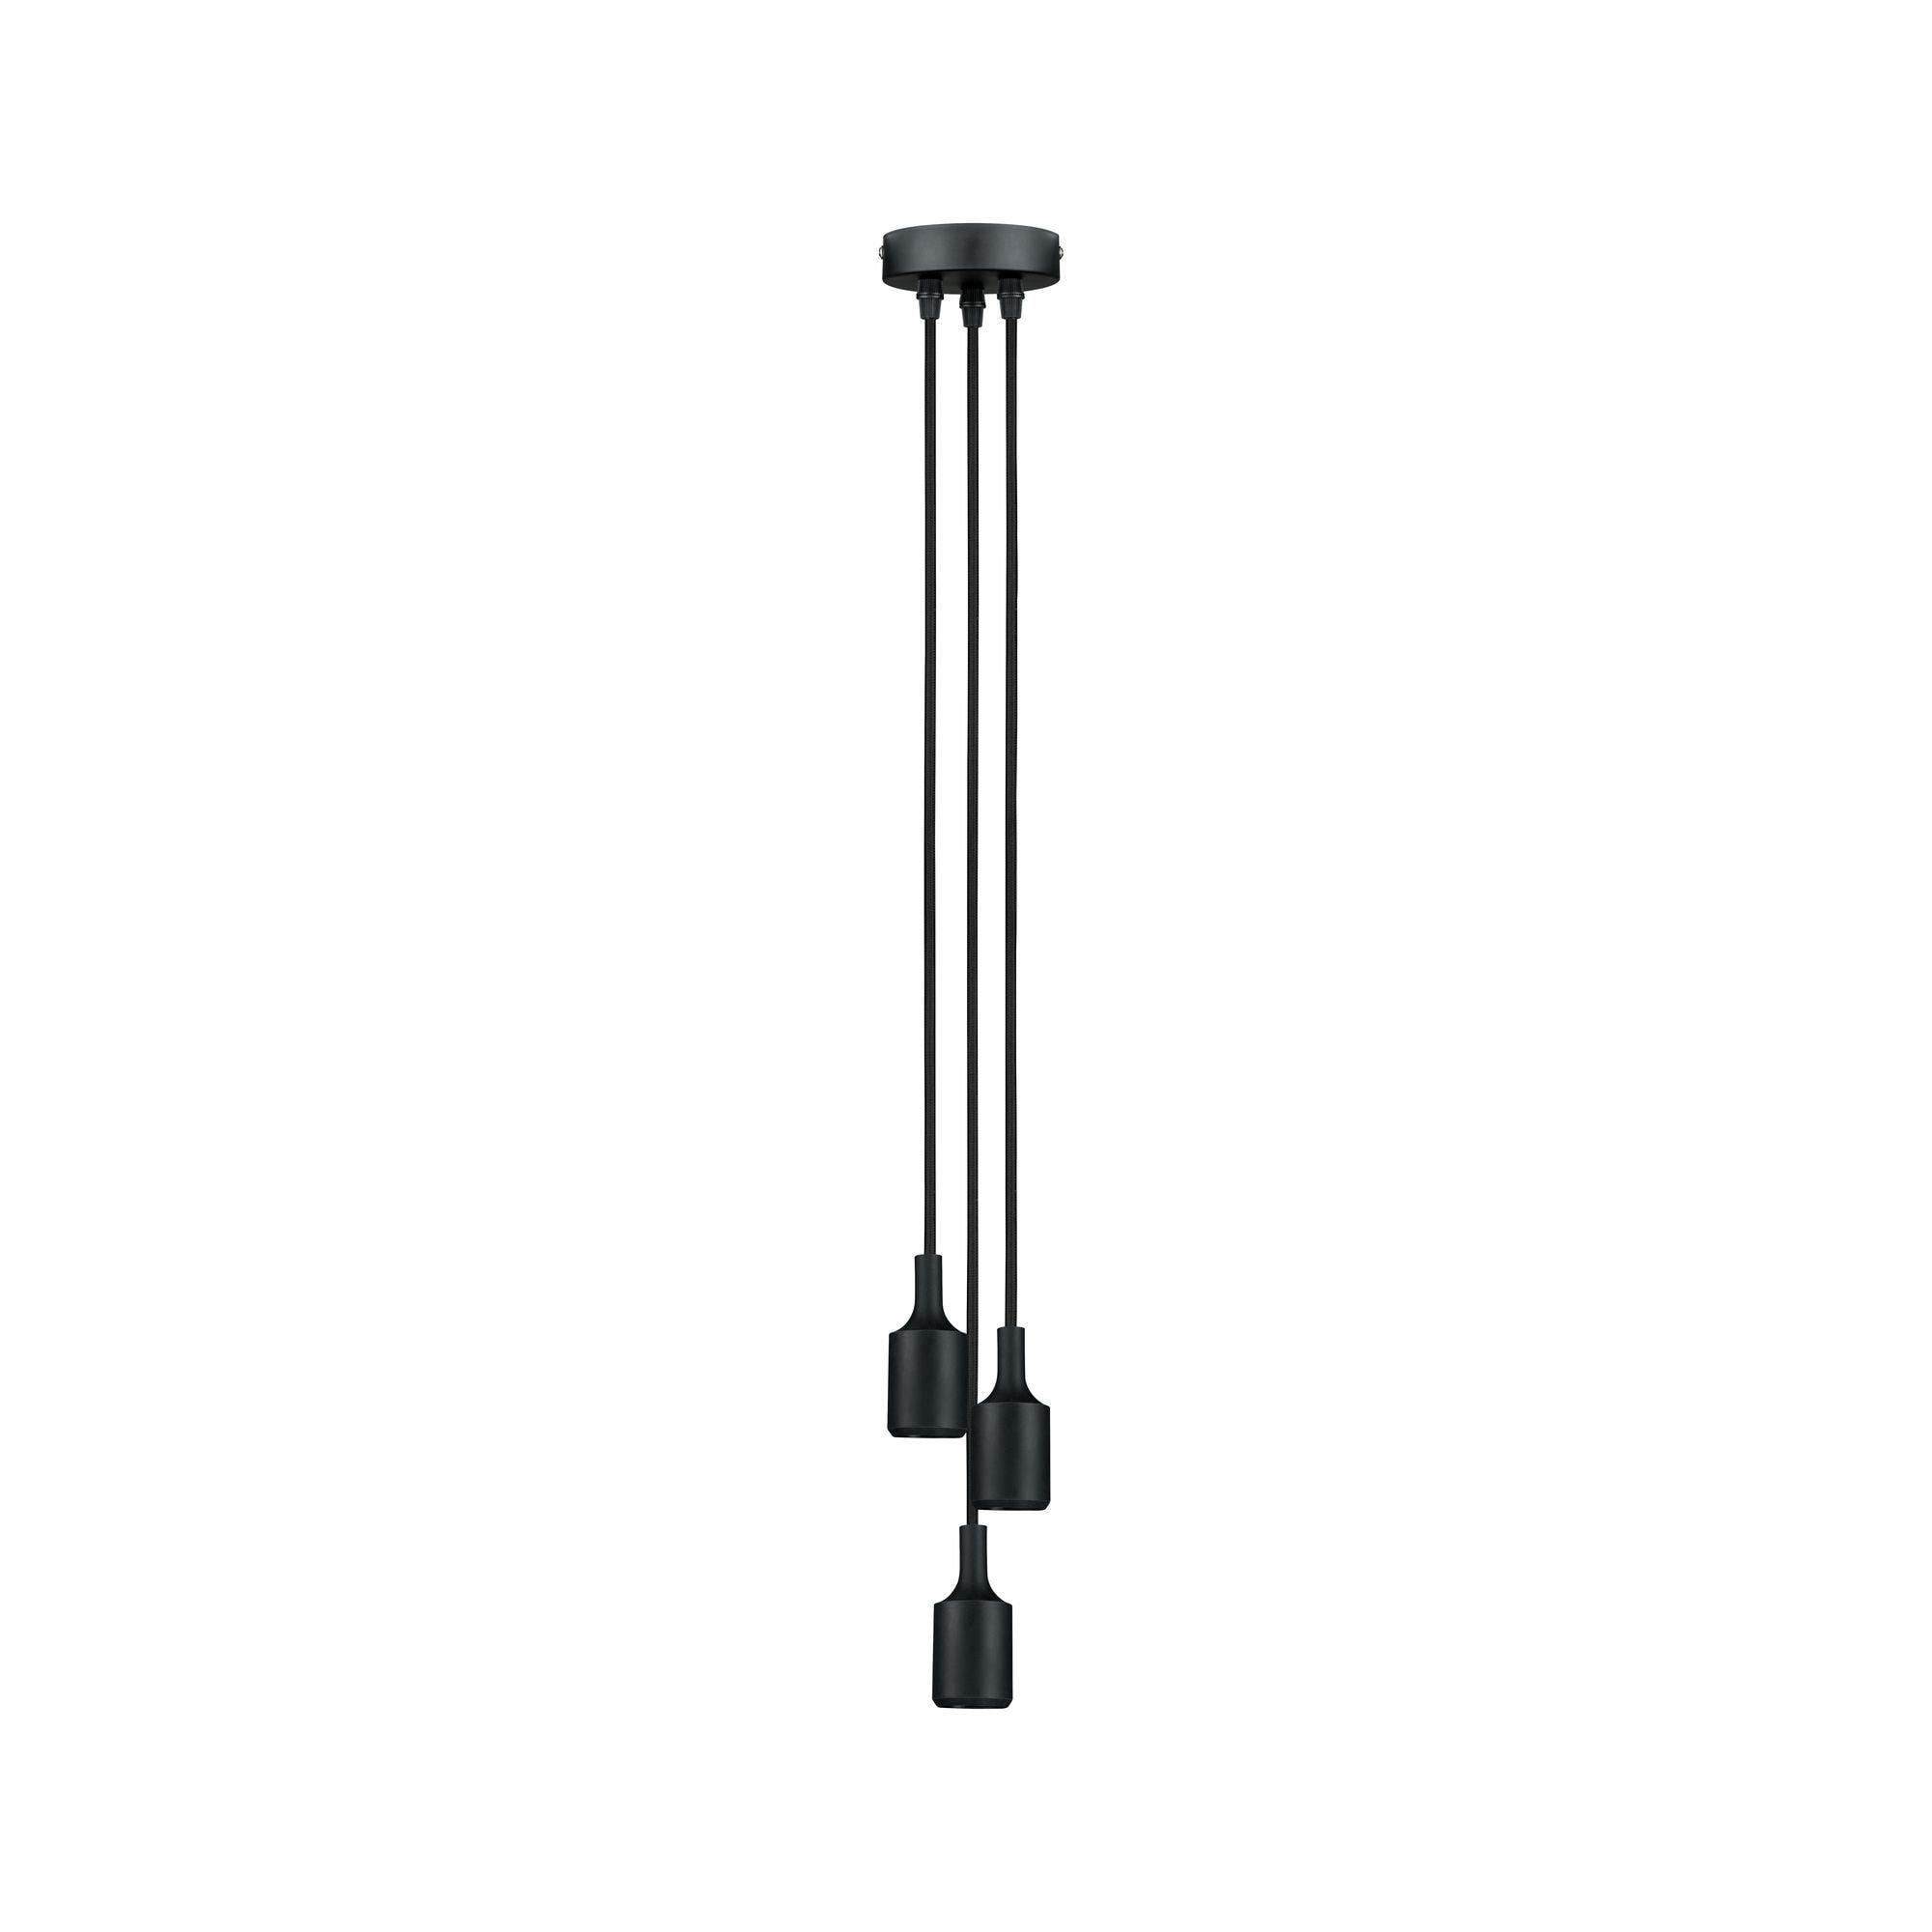 Paulmann LED Pendelleuchte 3-fach mit E27-Fassung und Stoffkabel Schwarz max. 20W E27, E27, 1 St.